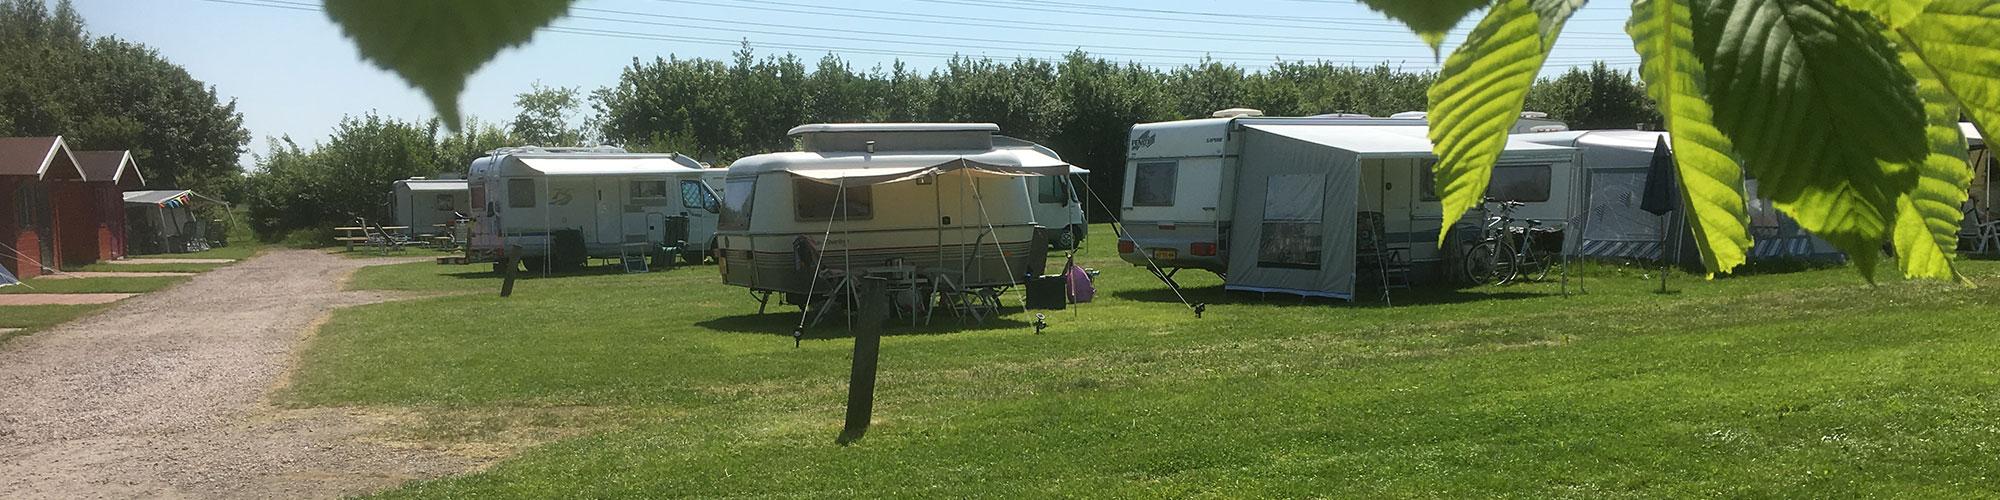 Kampeerplaats basis camping Pasveer